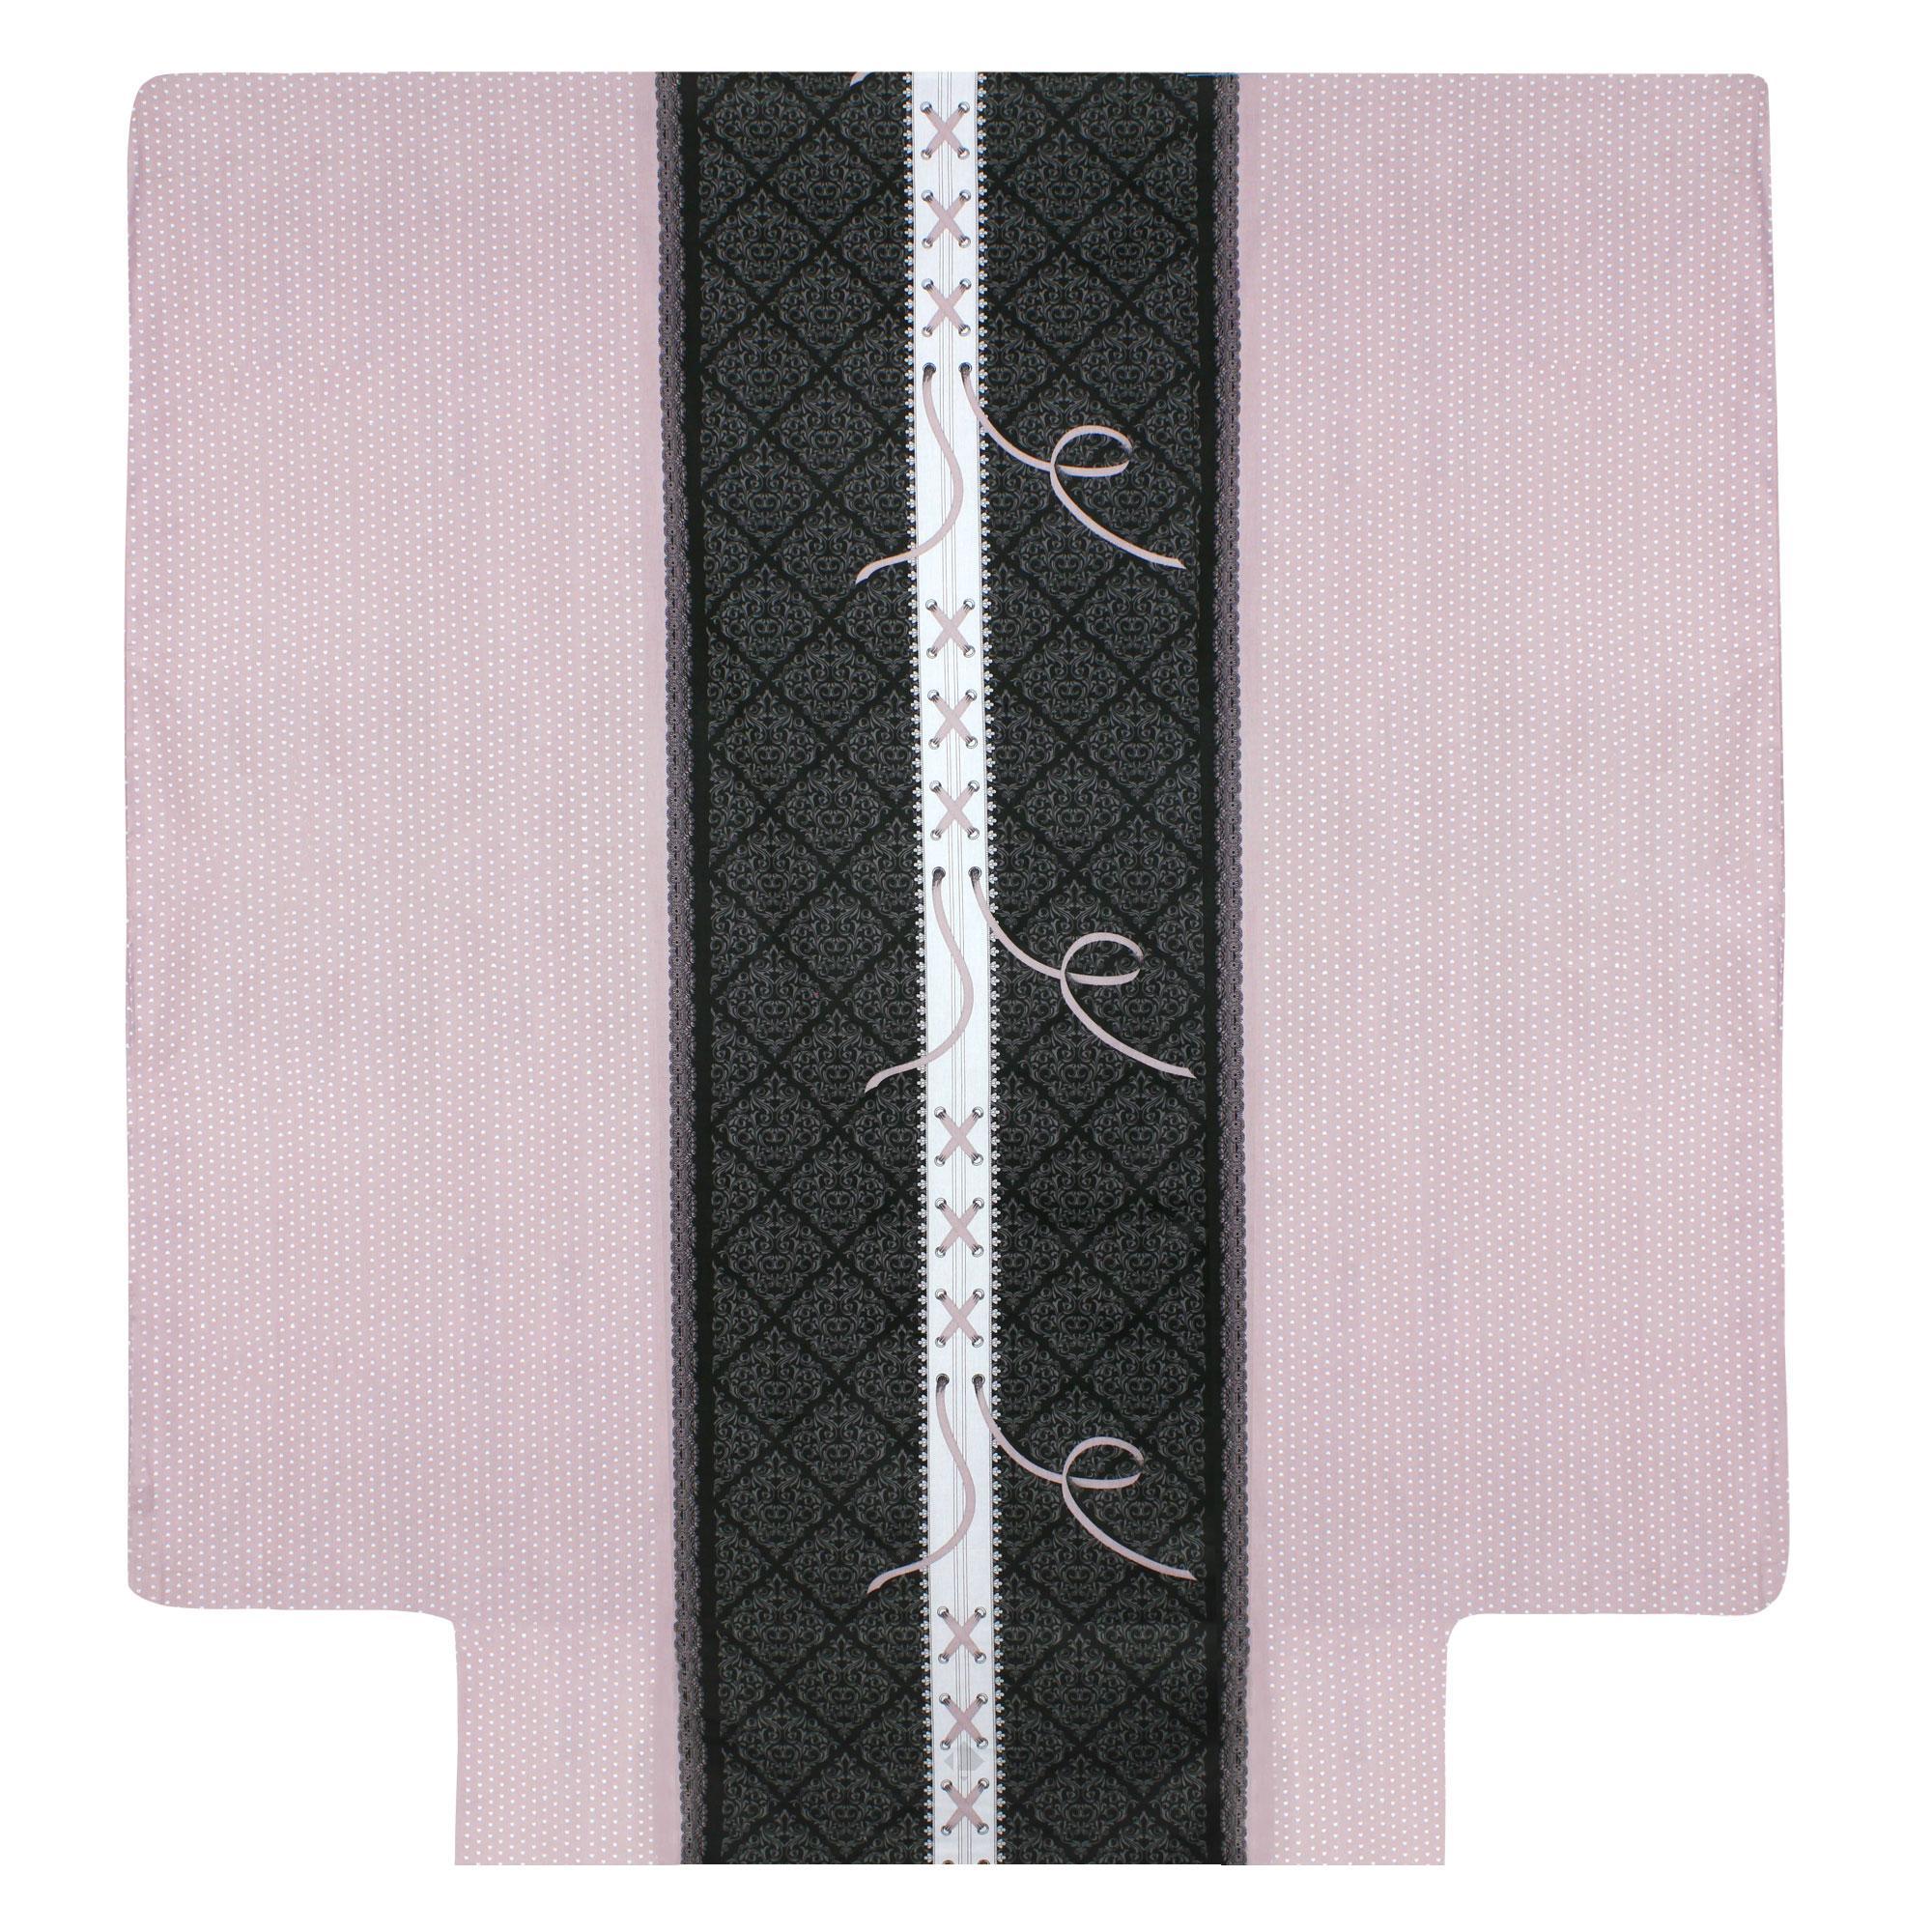 Housse de couette 200x200 cm 100 coton glamour rose - Housse de couette glamour ...